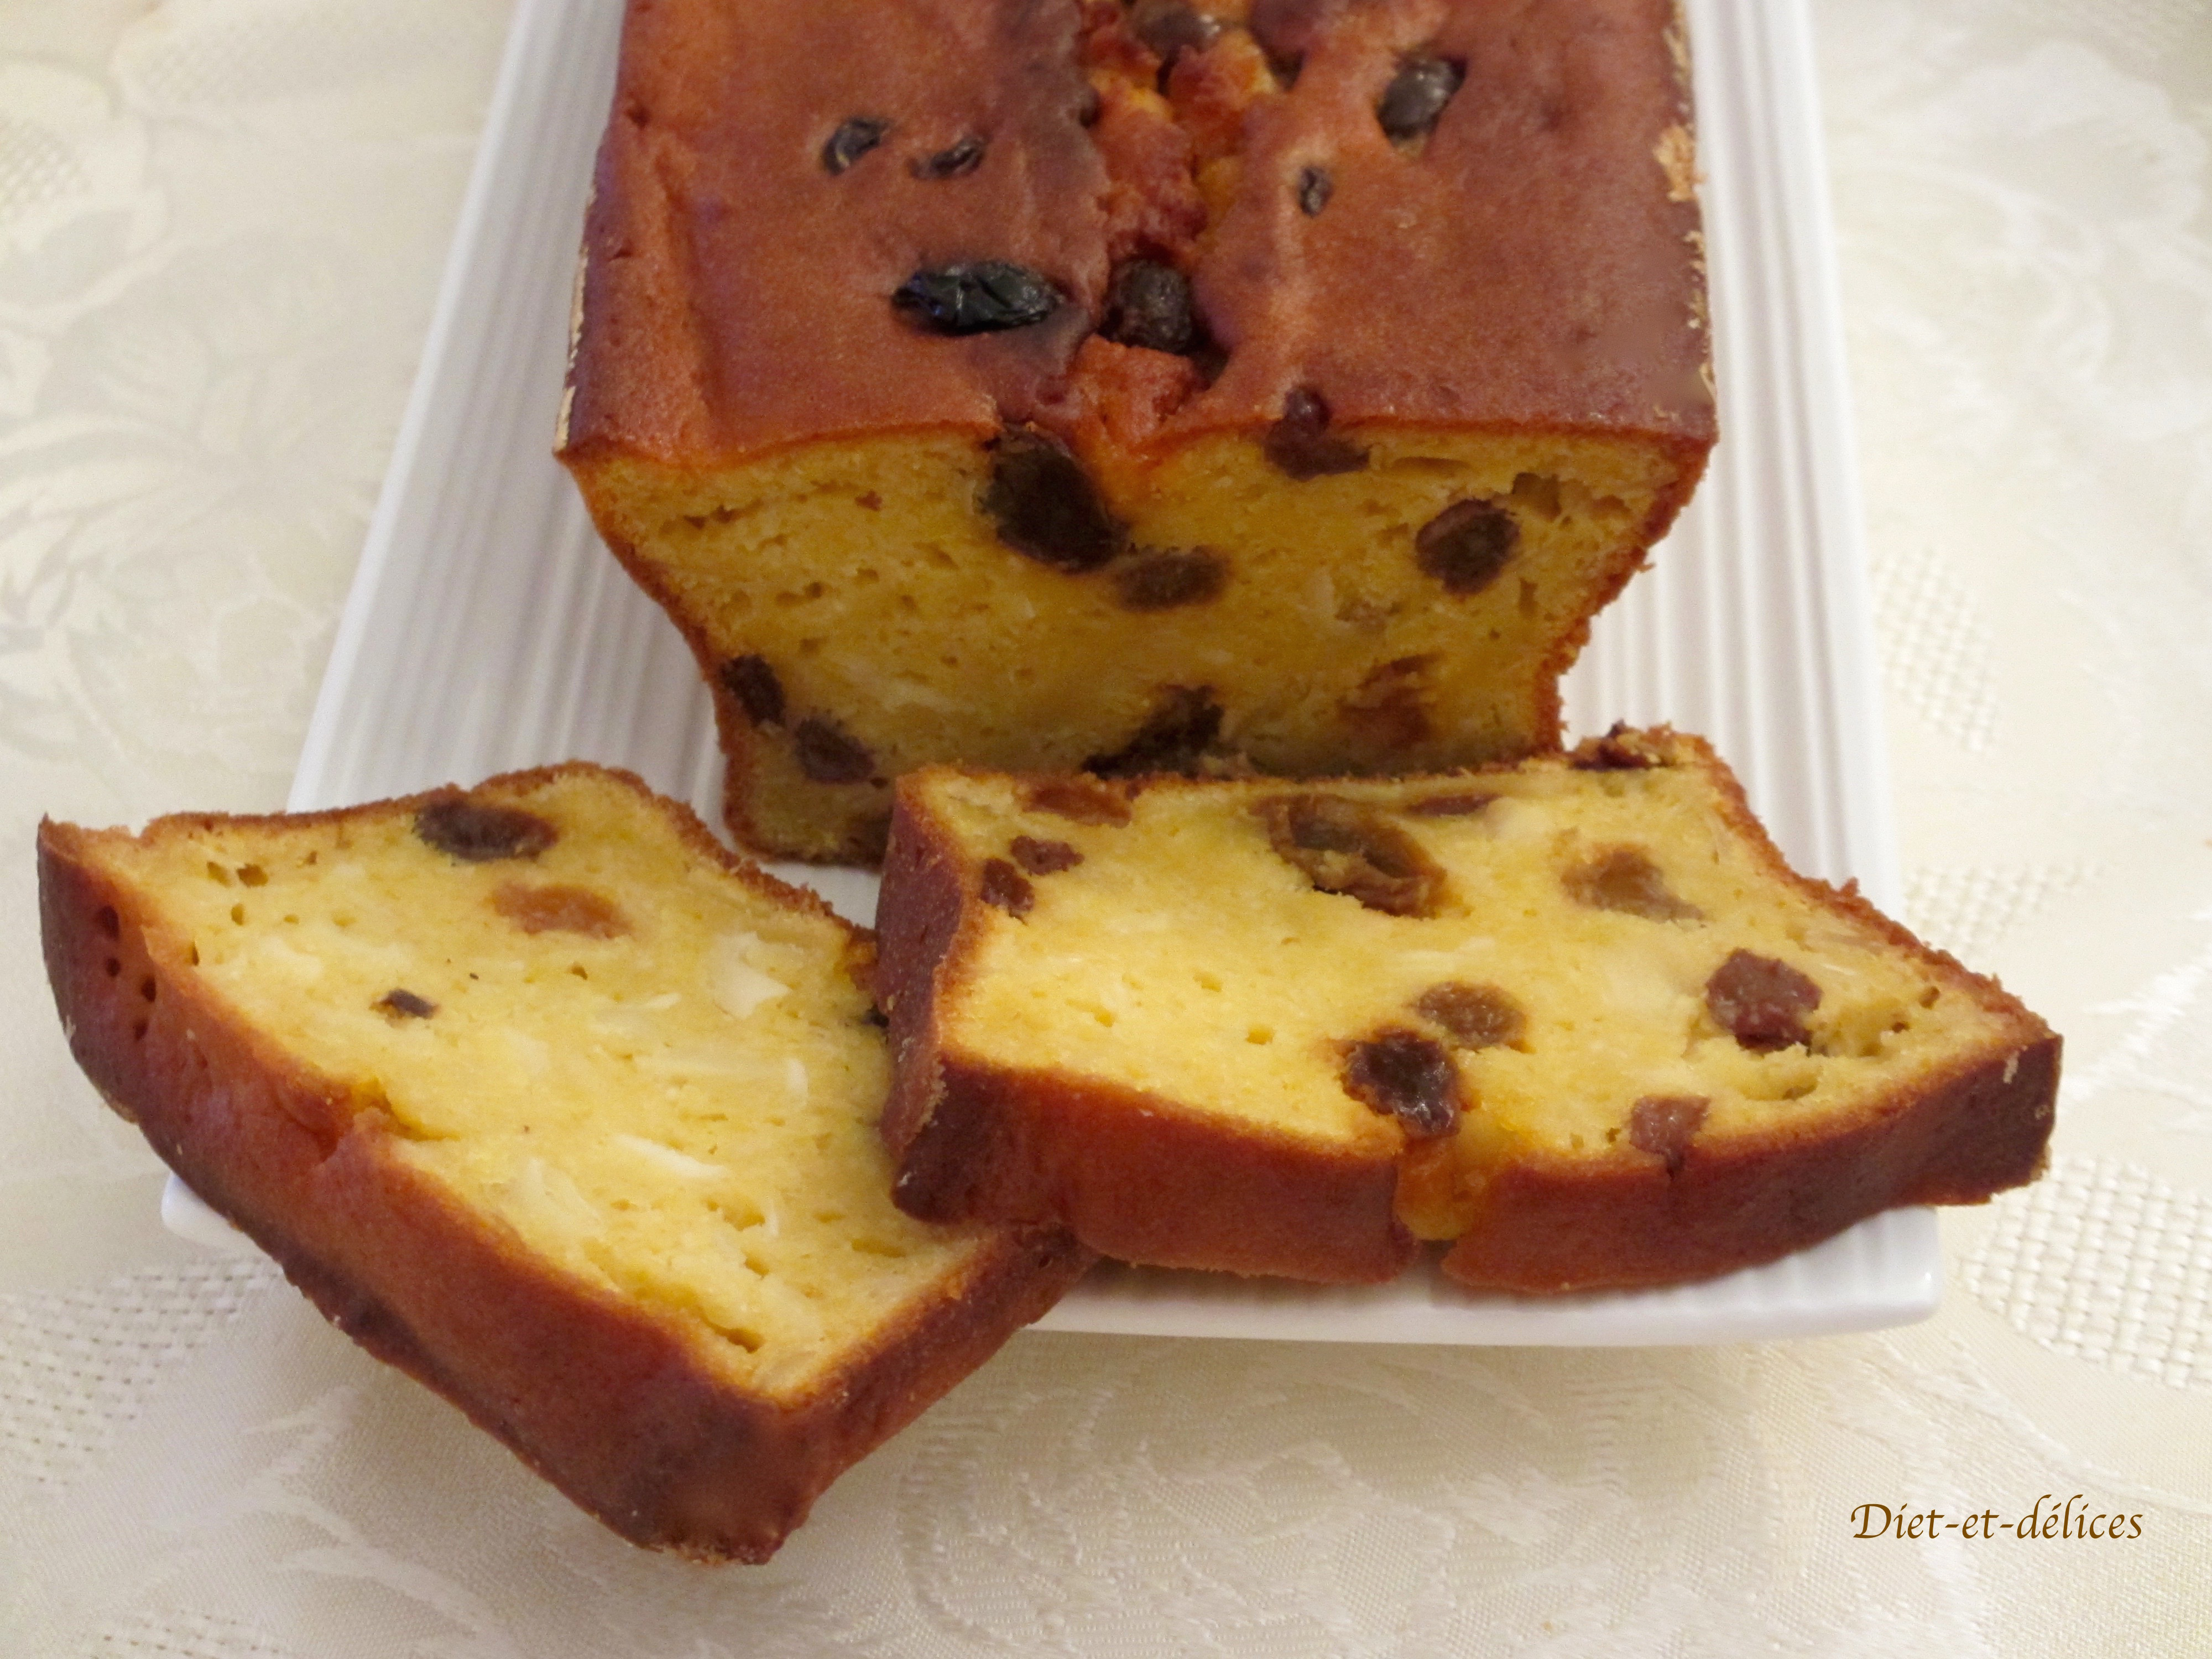 Cake sucr au potiron diet d lices recettes diet tiques - Cake au potiron sucre ...